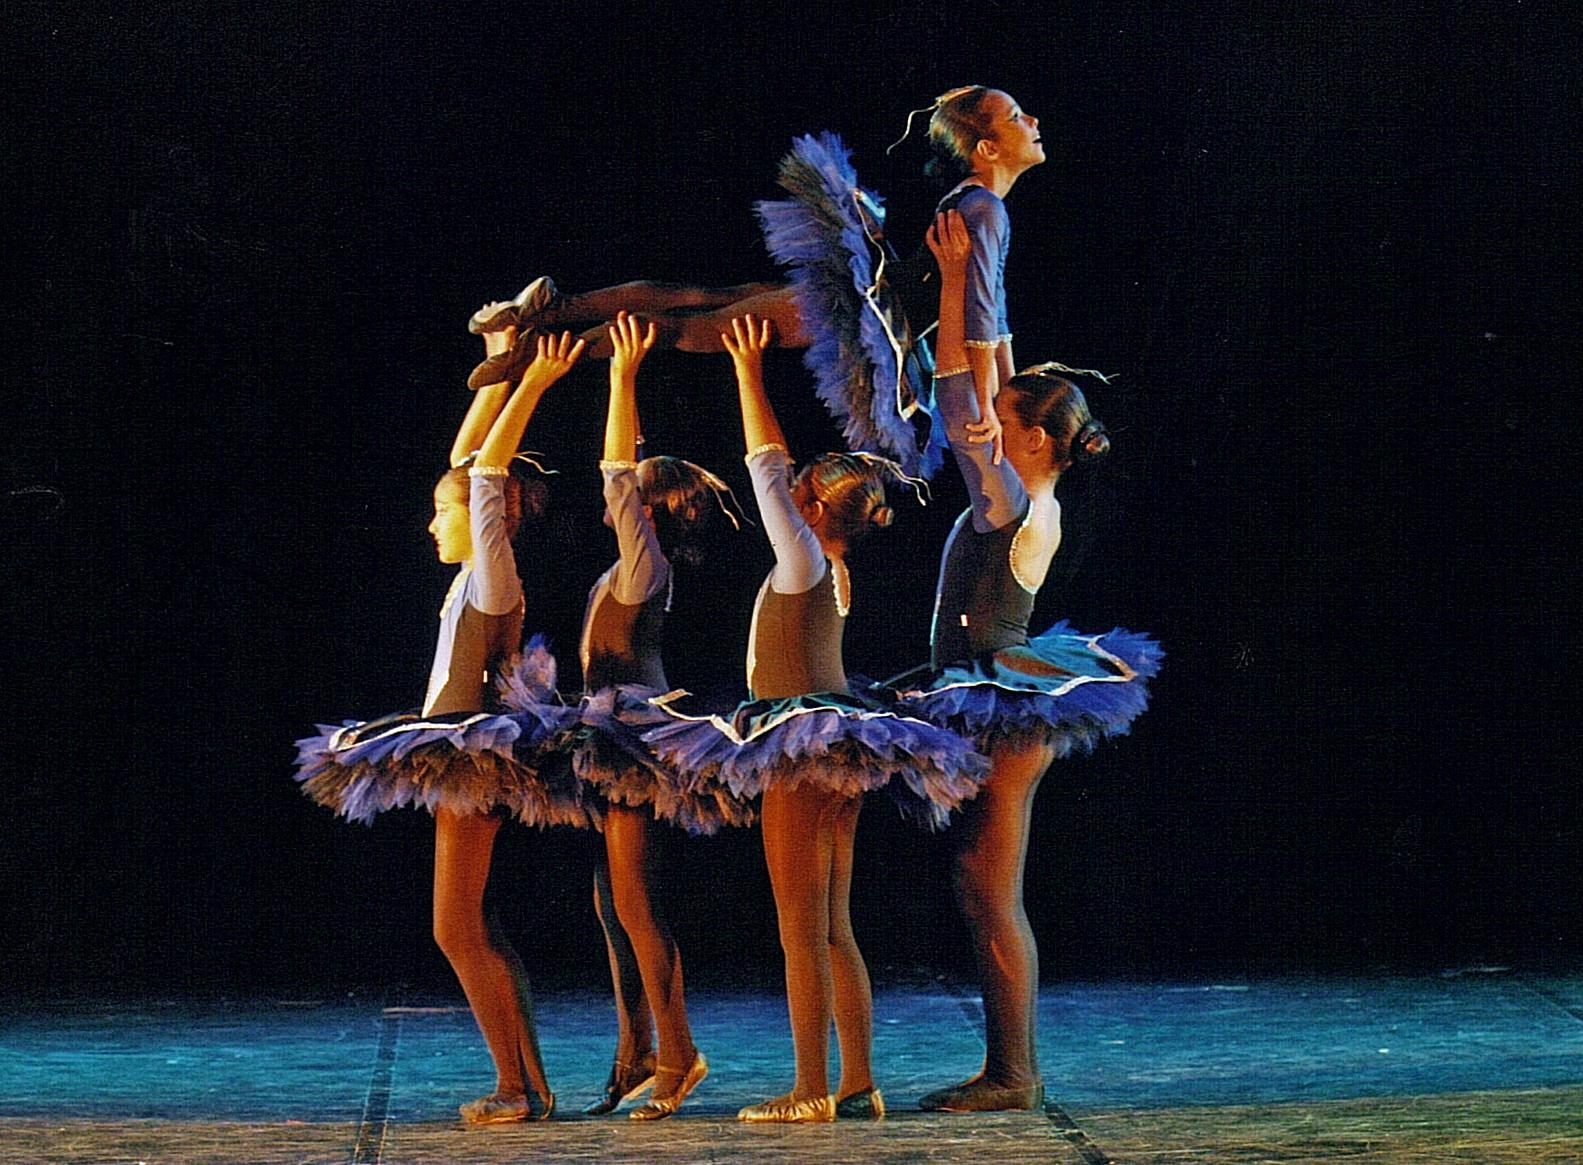 Jornada nas Estrelas - 2009